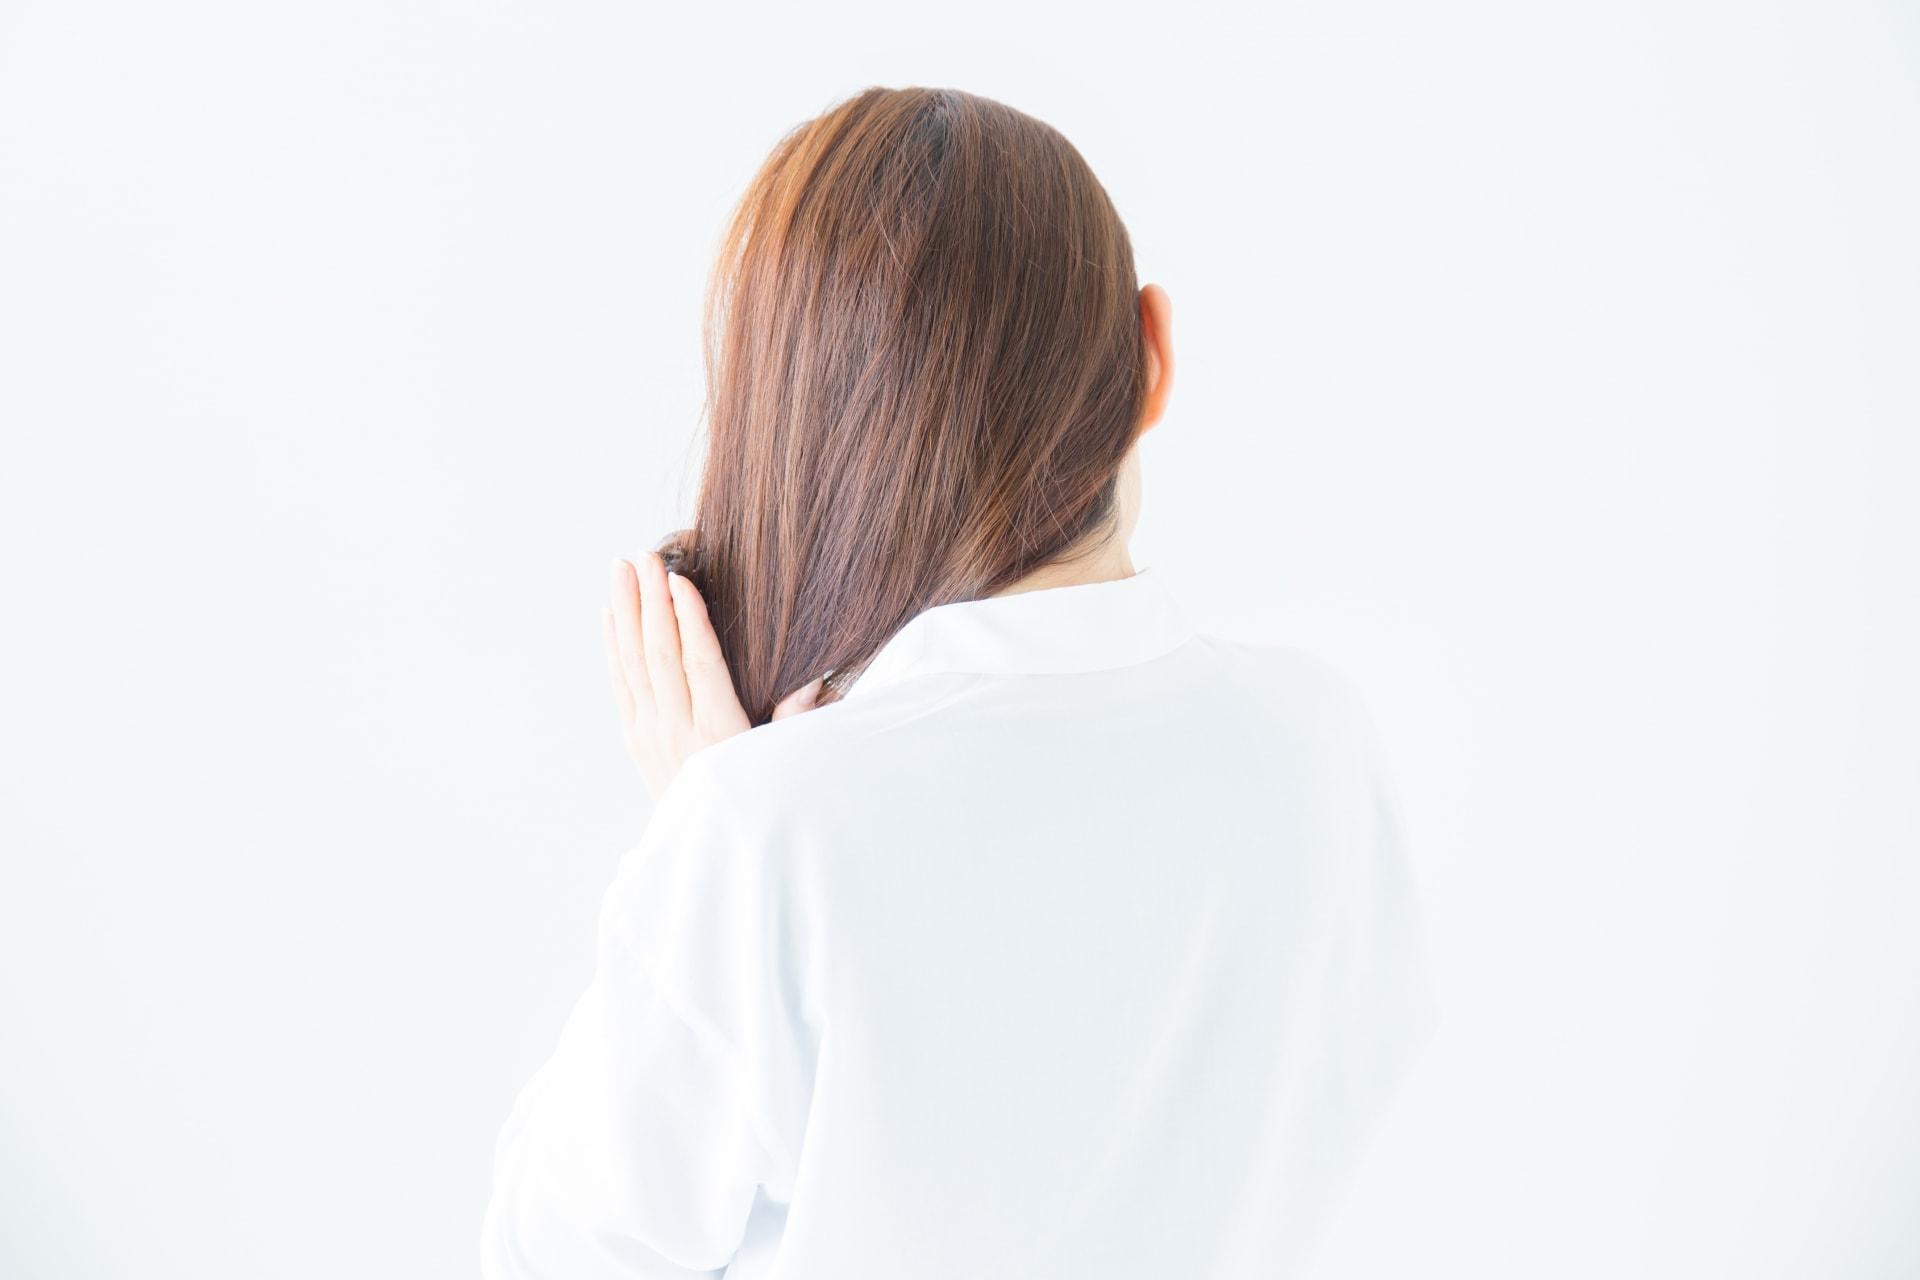 【女性の薄毛】40代の女性の薄毛の症状とは